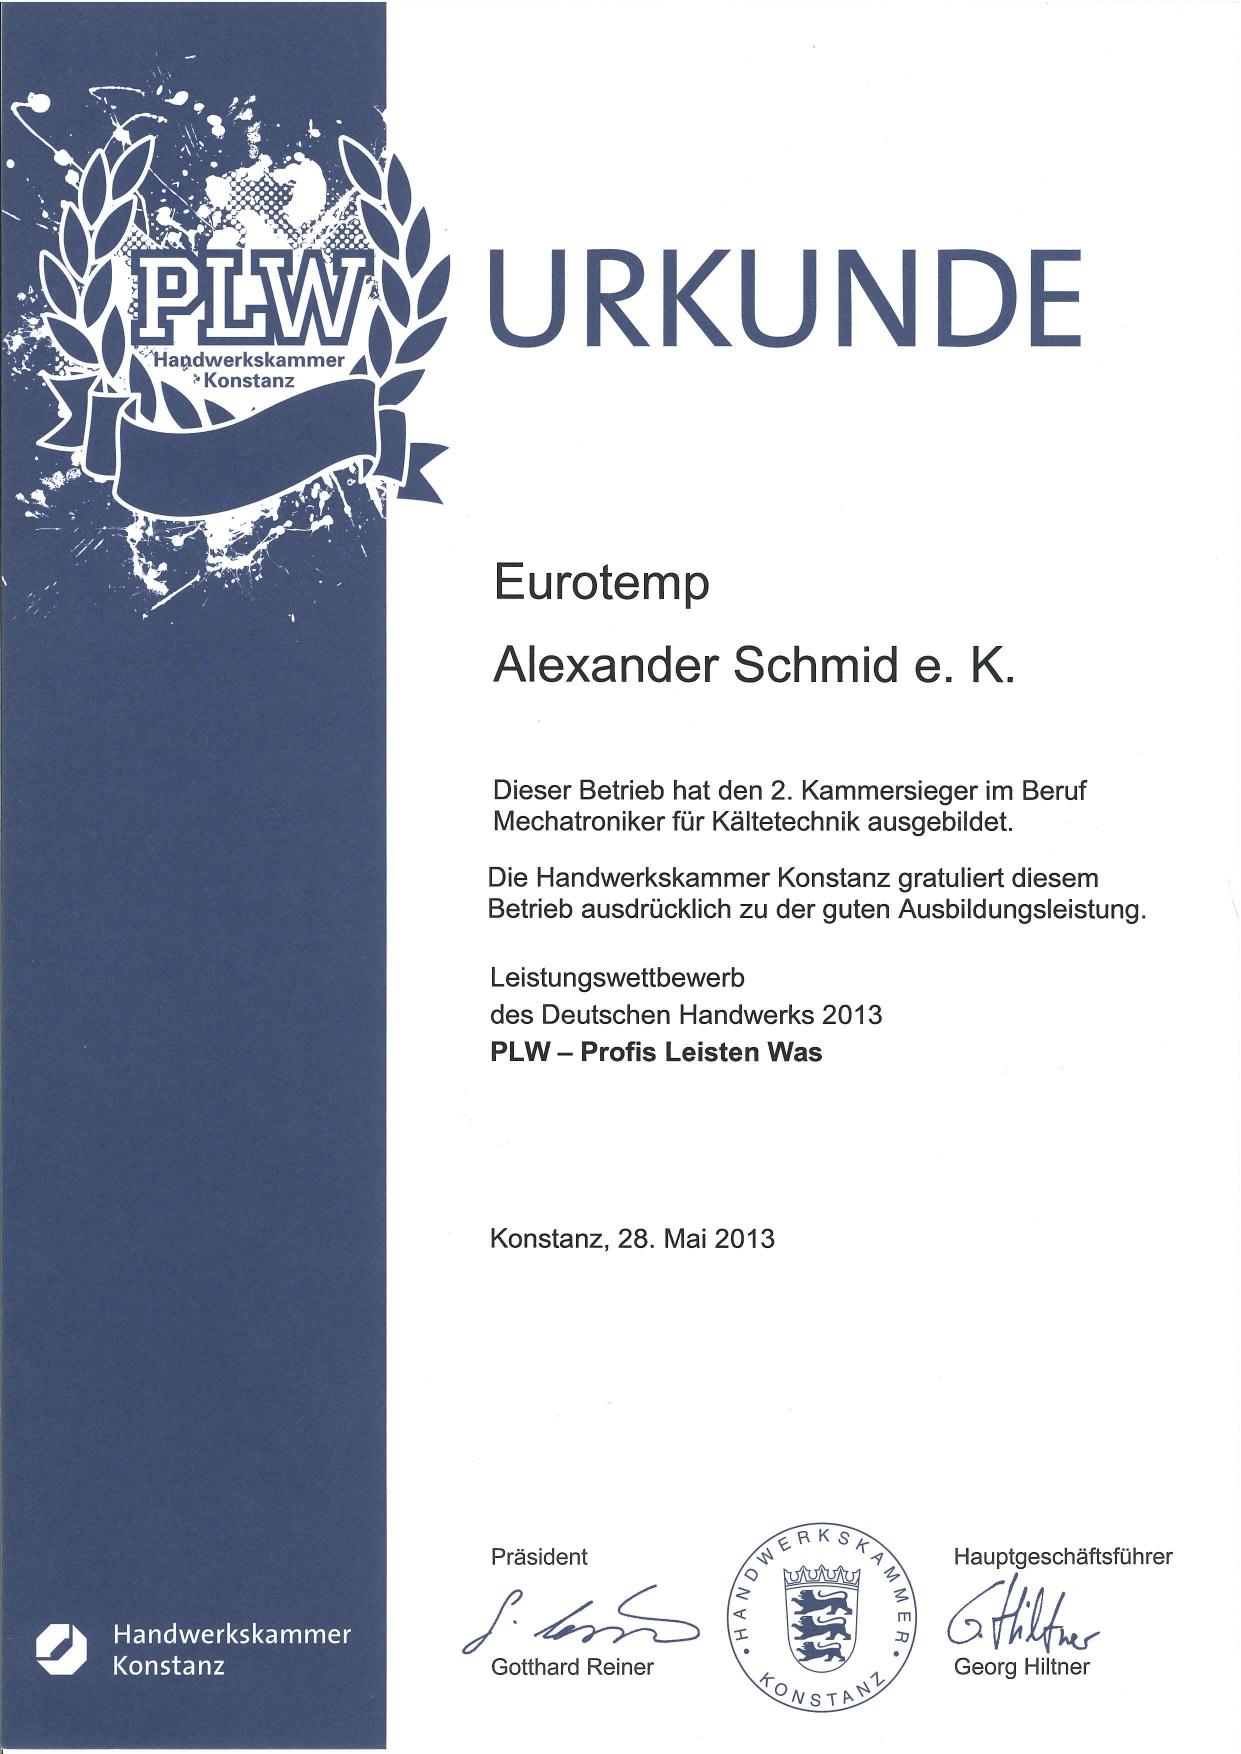 Auszeichnung der Handwerkskammer 2012